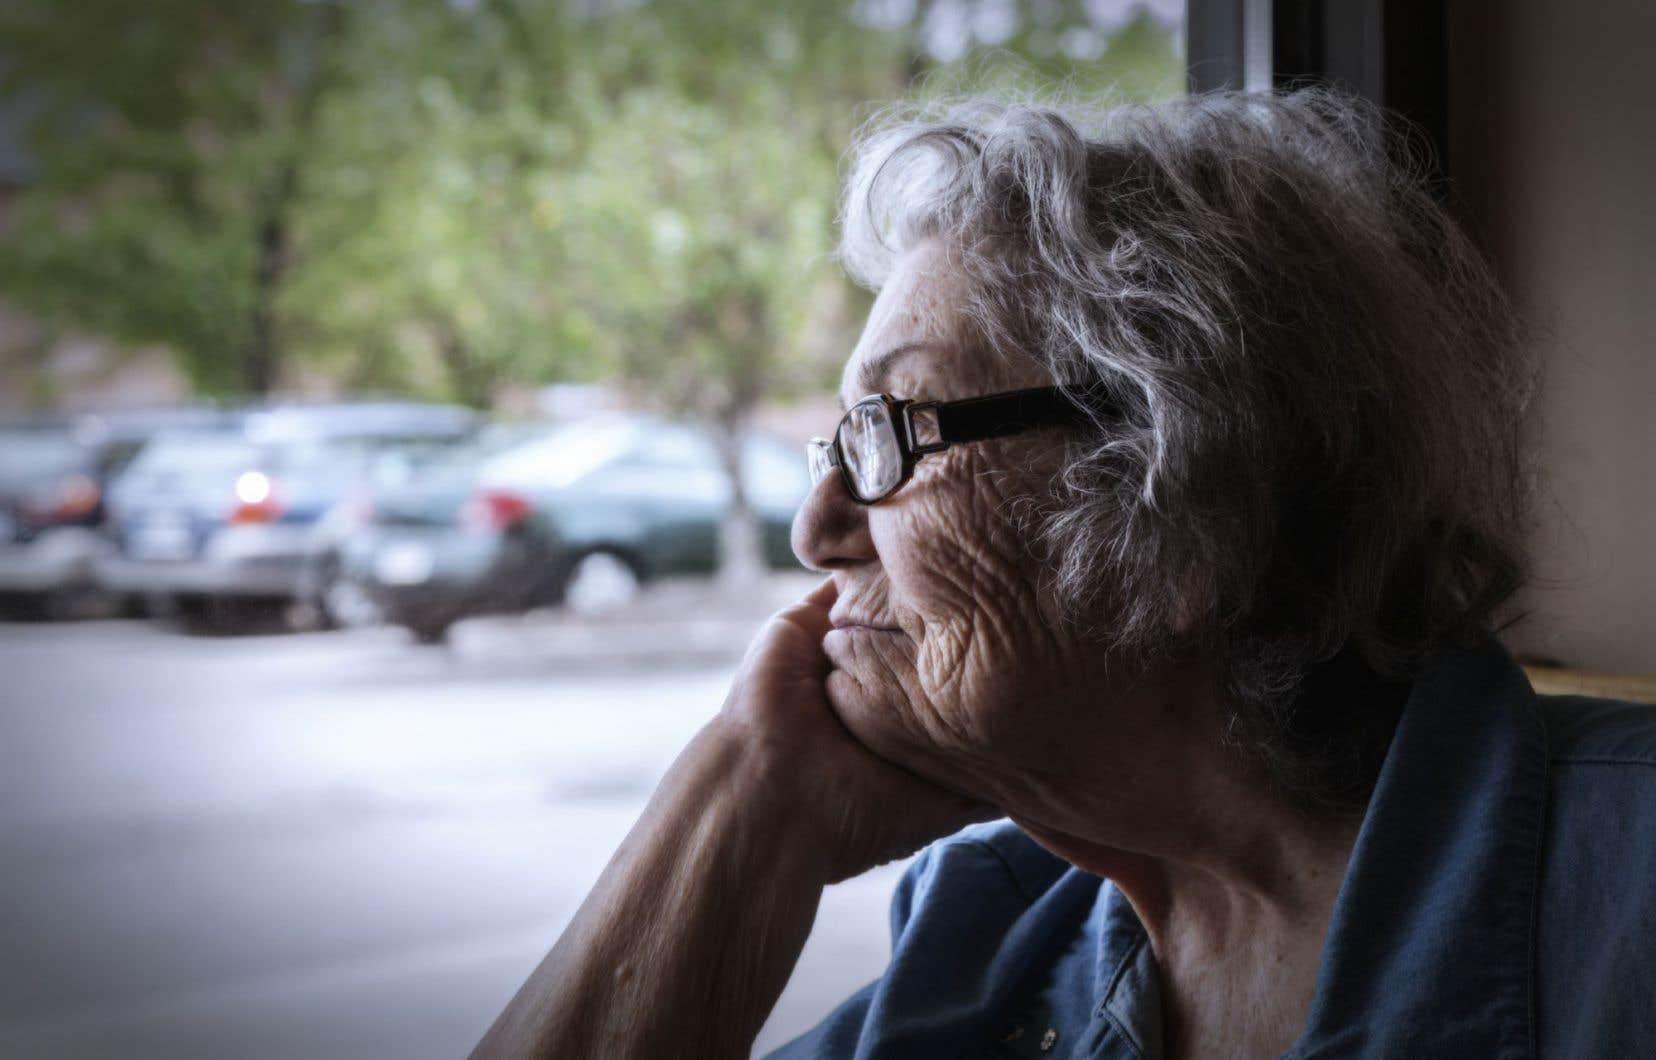 Selon la Société canadienne d'hypothèques et de logement, plus de 112000 Québécois âgés de plus de 65ans (8%) habitent dans plus de 1300 résidences pour aînés.